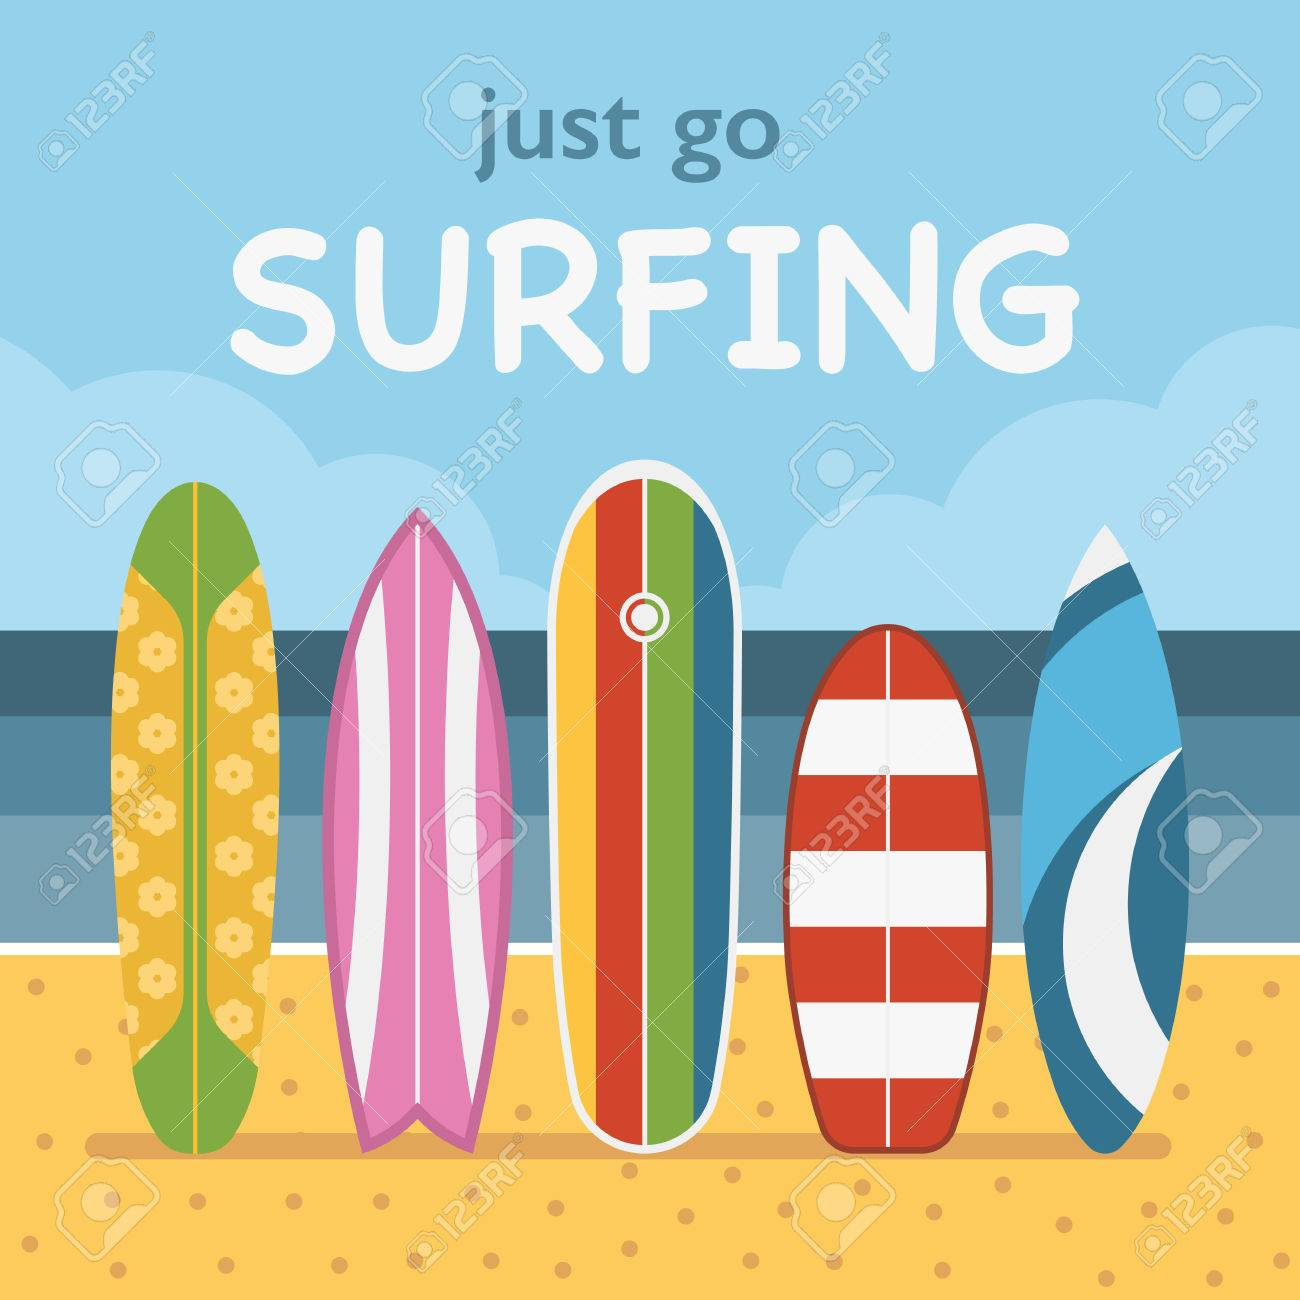 Aller Surfer Le Concept Illustration Vectorielle Differentes Planches De Surf Debout Sur Le Sable Tropical De Plages Vaus Planches De Surf Sur Le Cote De La Mer Le Paysage D Ete Sur La